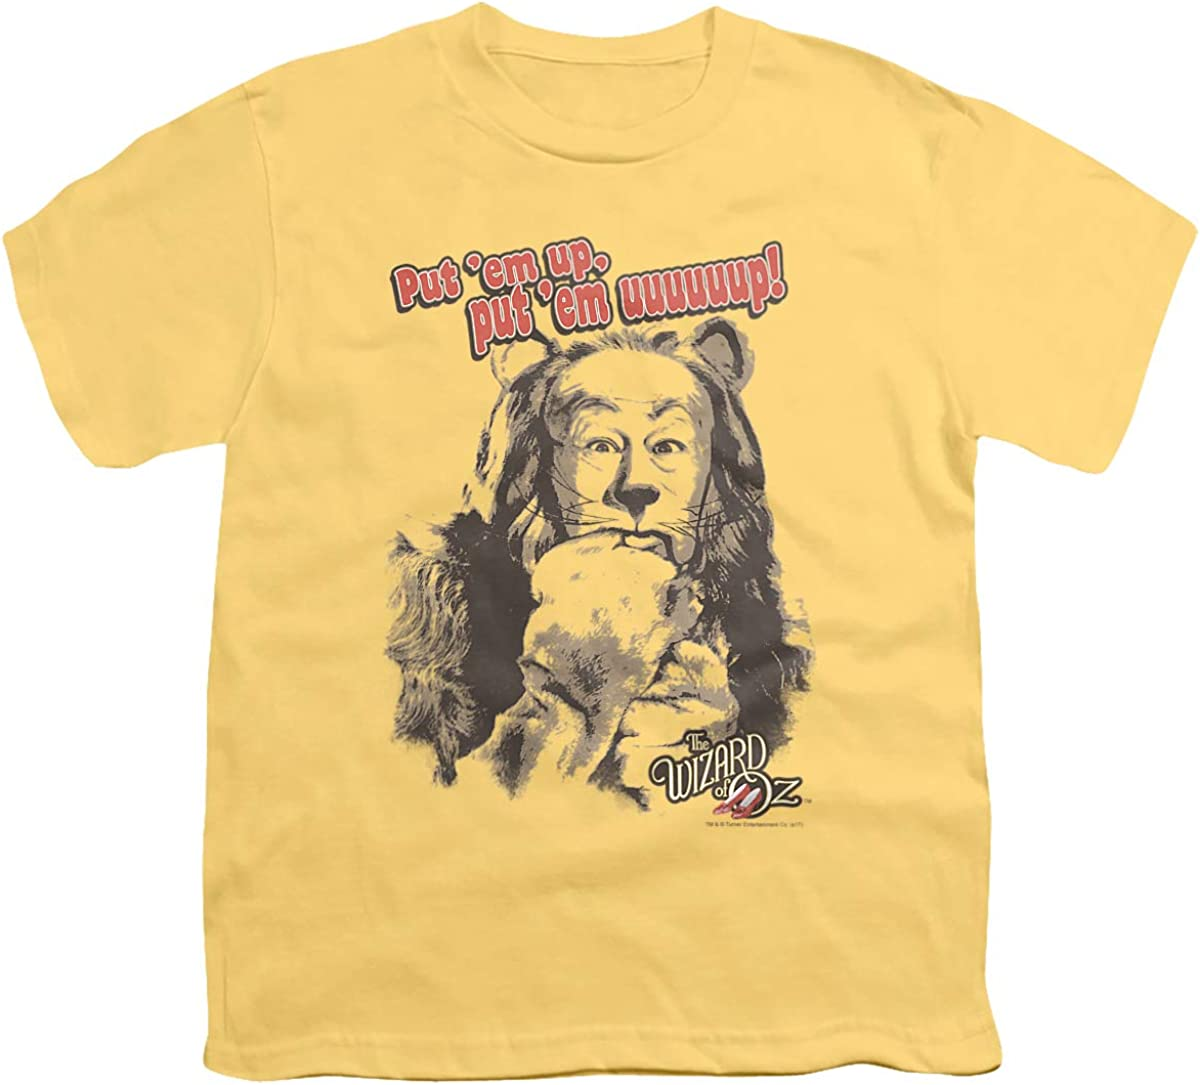 Wizard of Oz Put Em Up Unisex Youth T Shirt